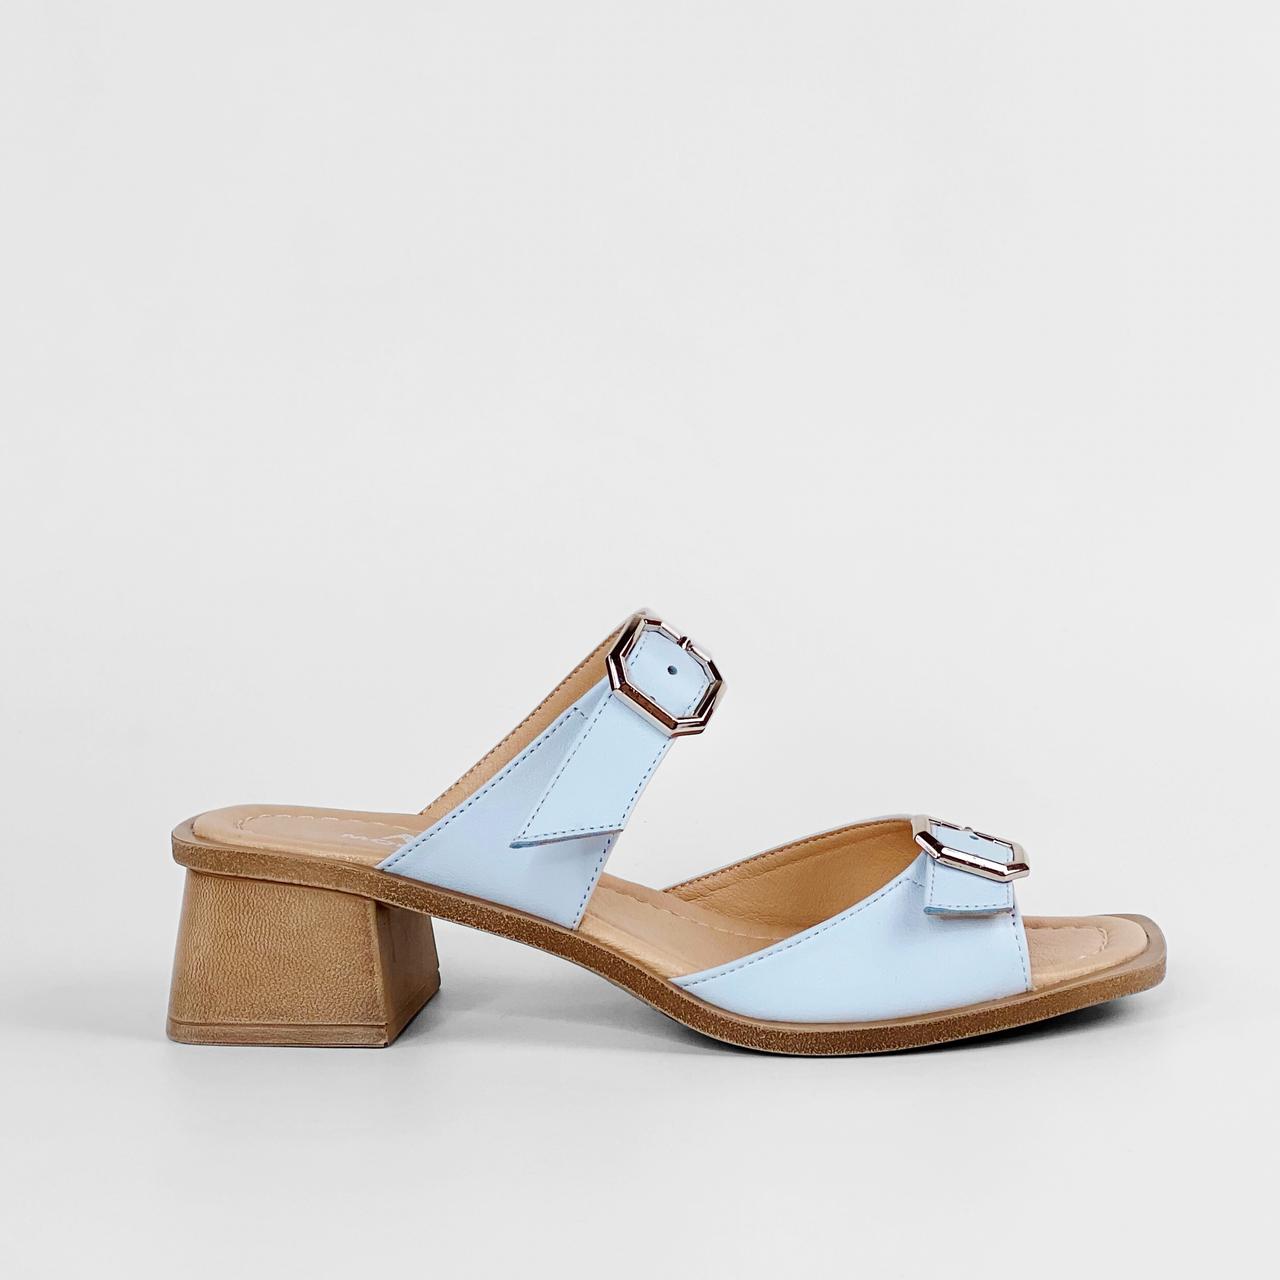 Сабо женские кожаные голубые на каблуке с пряжками MORENTO